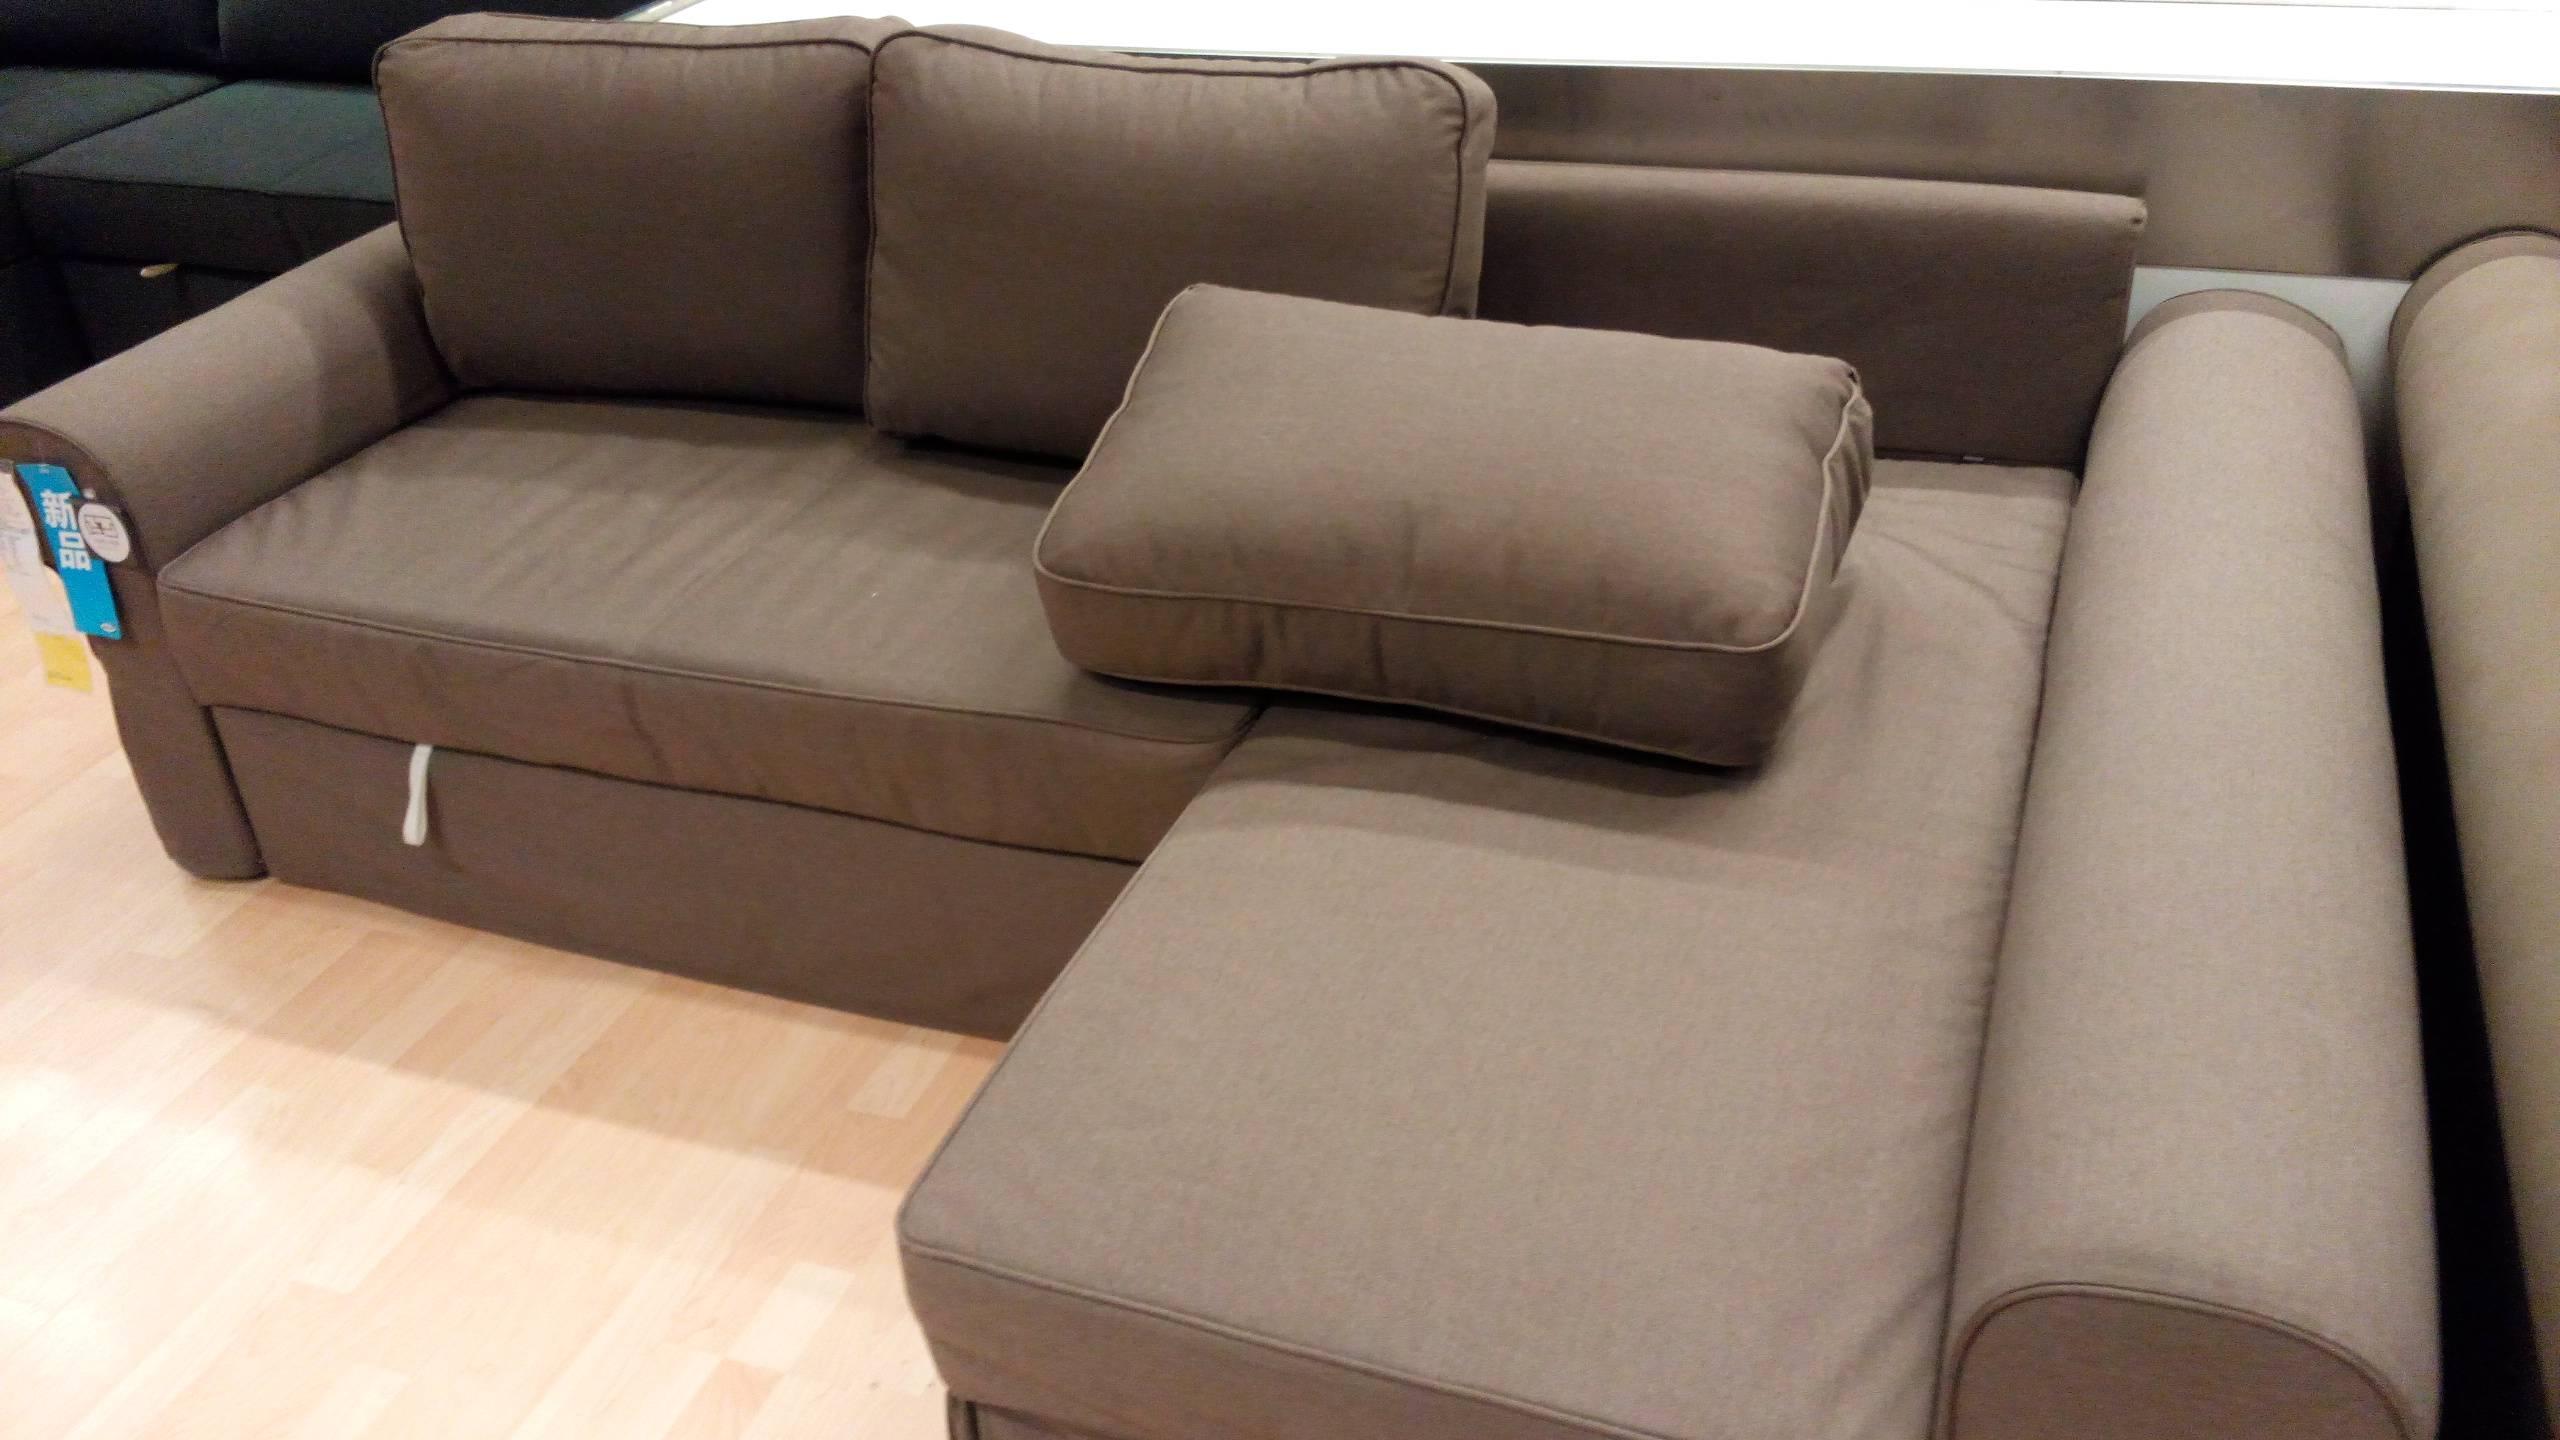 Furniture: Grey Sectional Ikea | Friheten Sofa Bed Review | Ikea with Ikea Sectional Sofa Bed (Image 5 of 25)